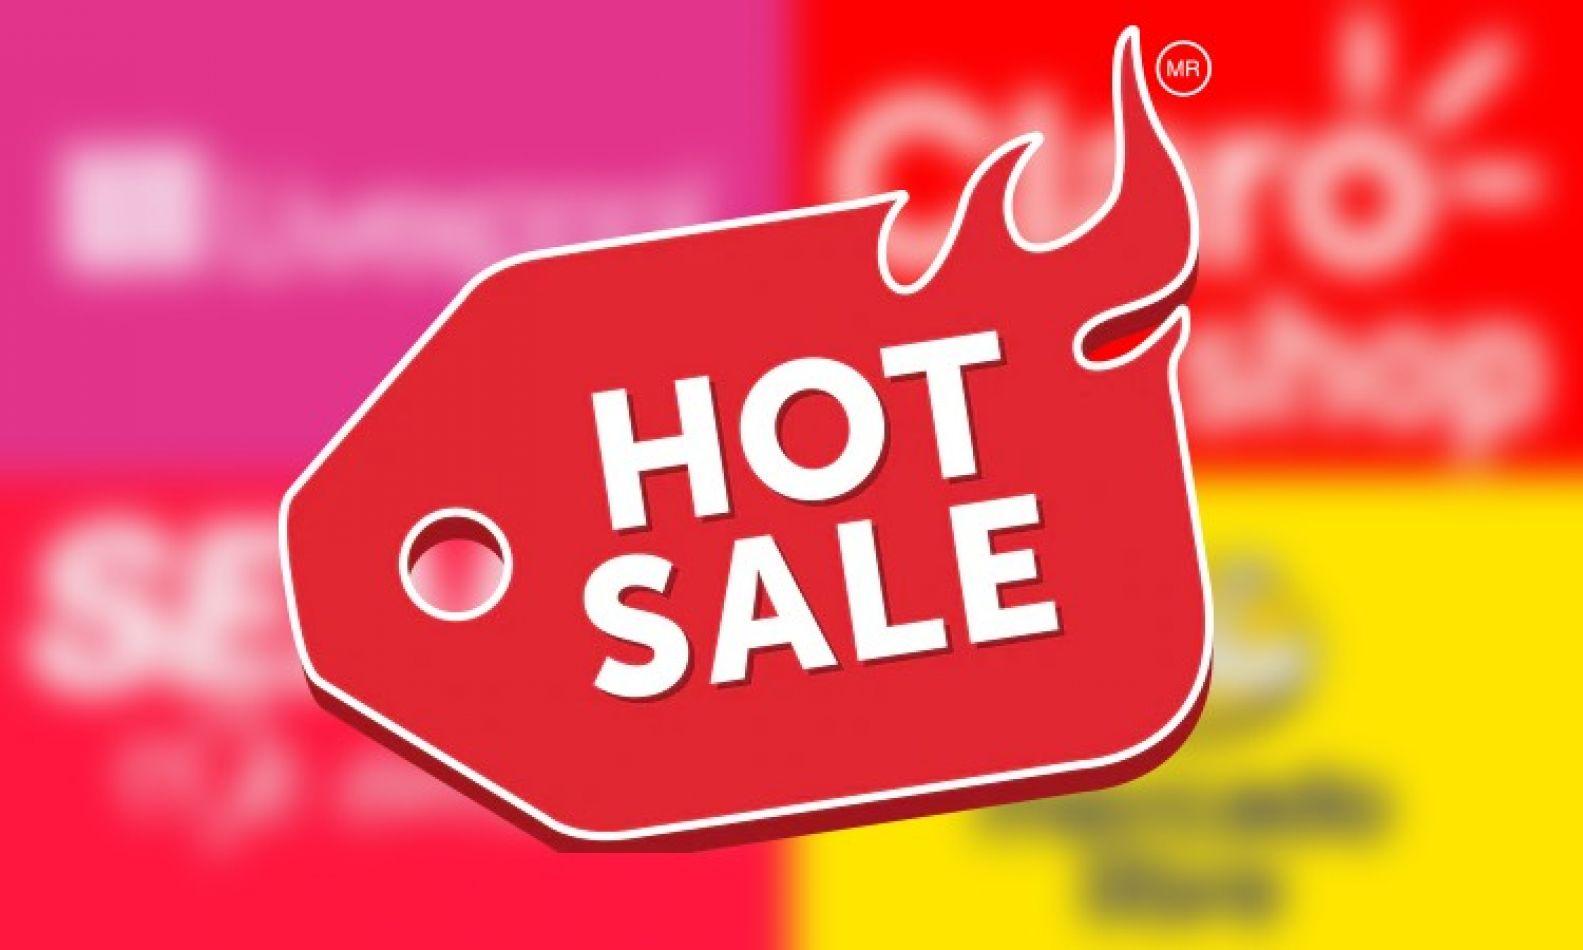 descuentos hot sale - Qué es Hot Sale y cómo funciona